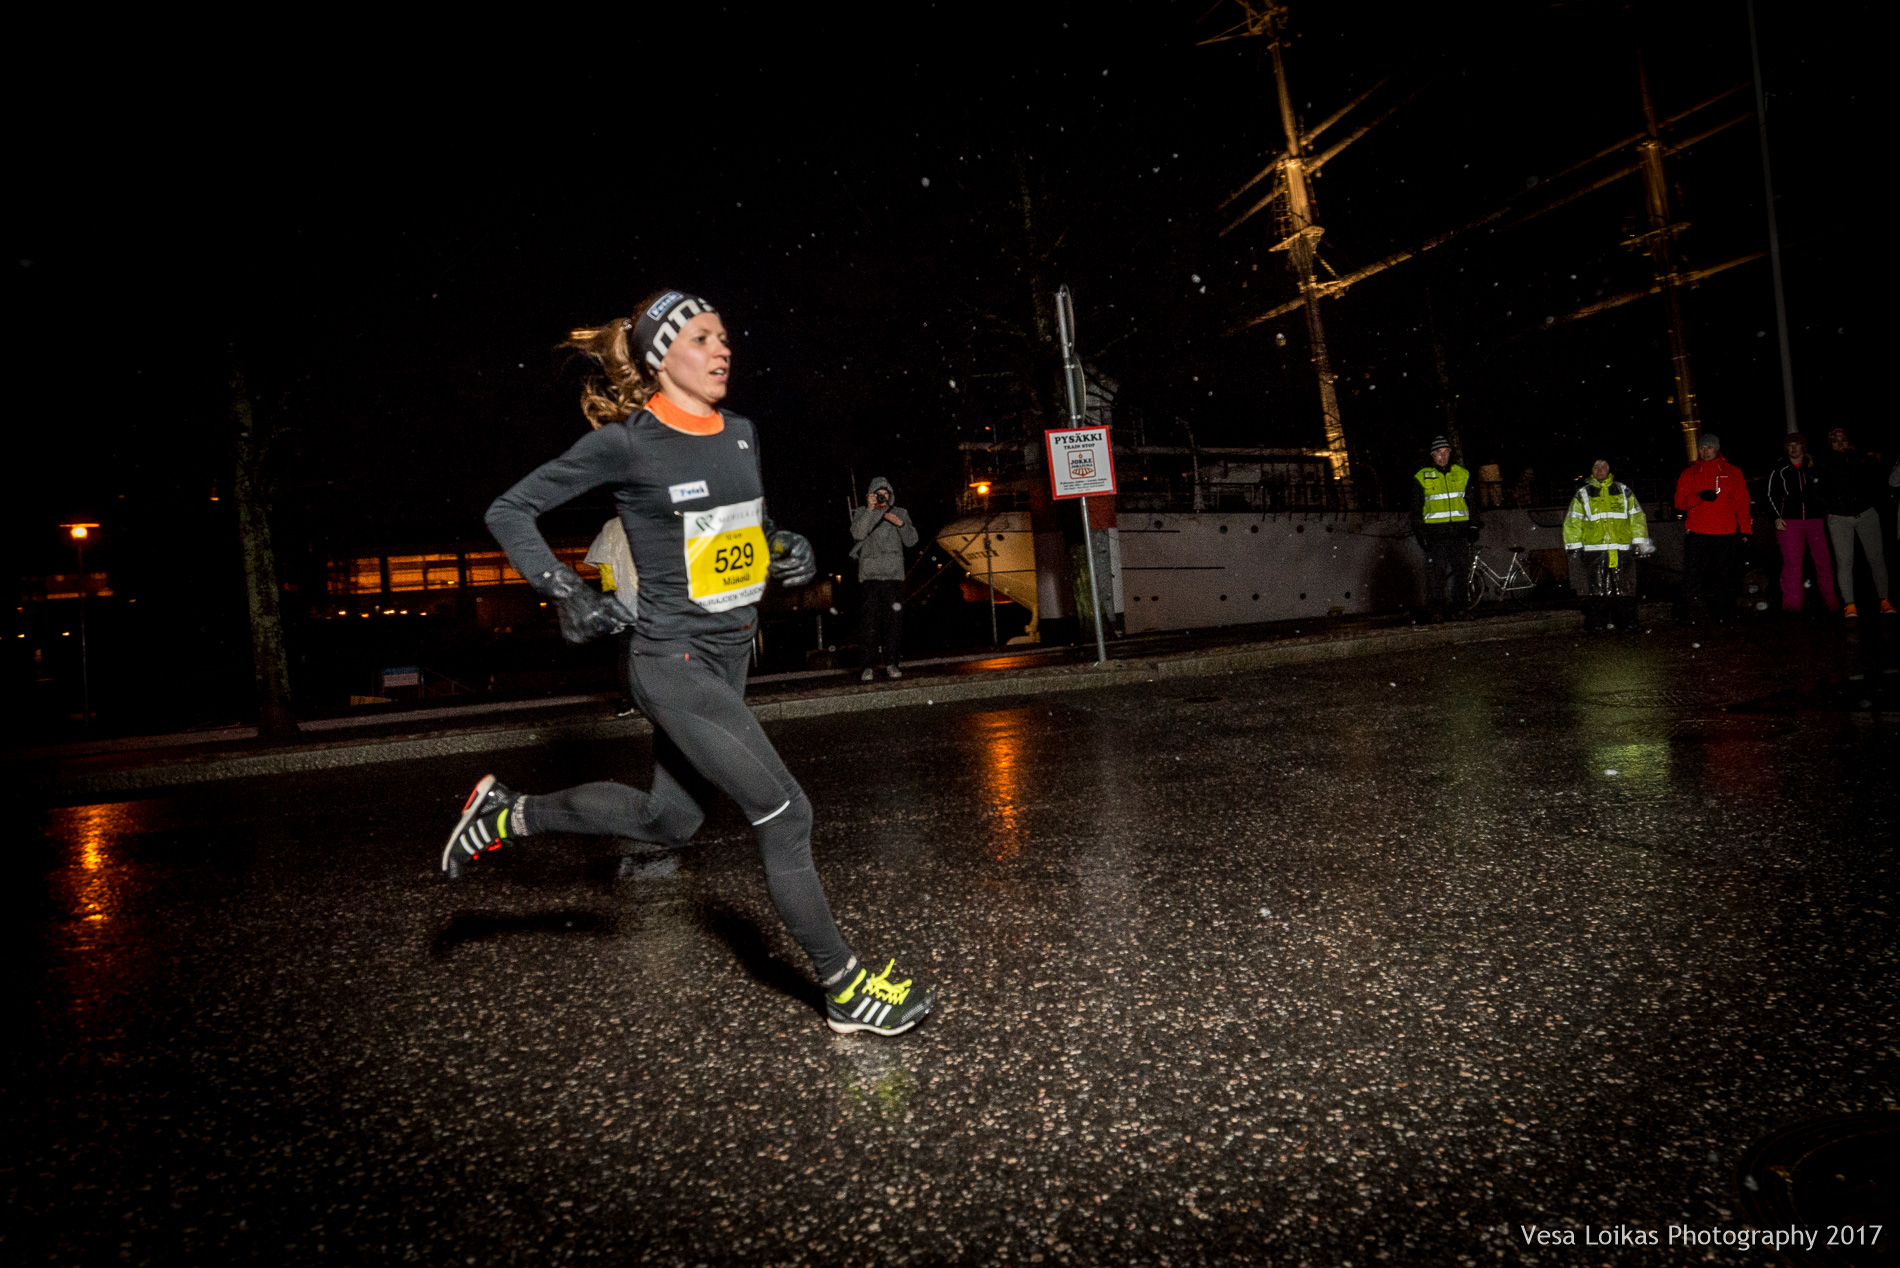 Naisten kärkijuoksija Janica Mäkelä puolessa välissä | The top women runner Janica Mäkelä after the first leg